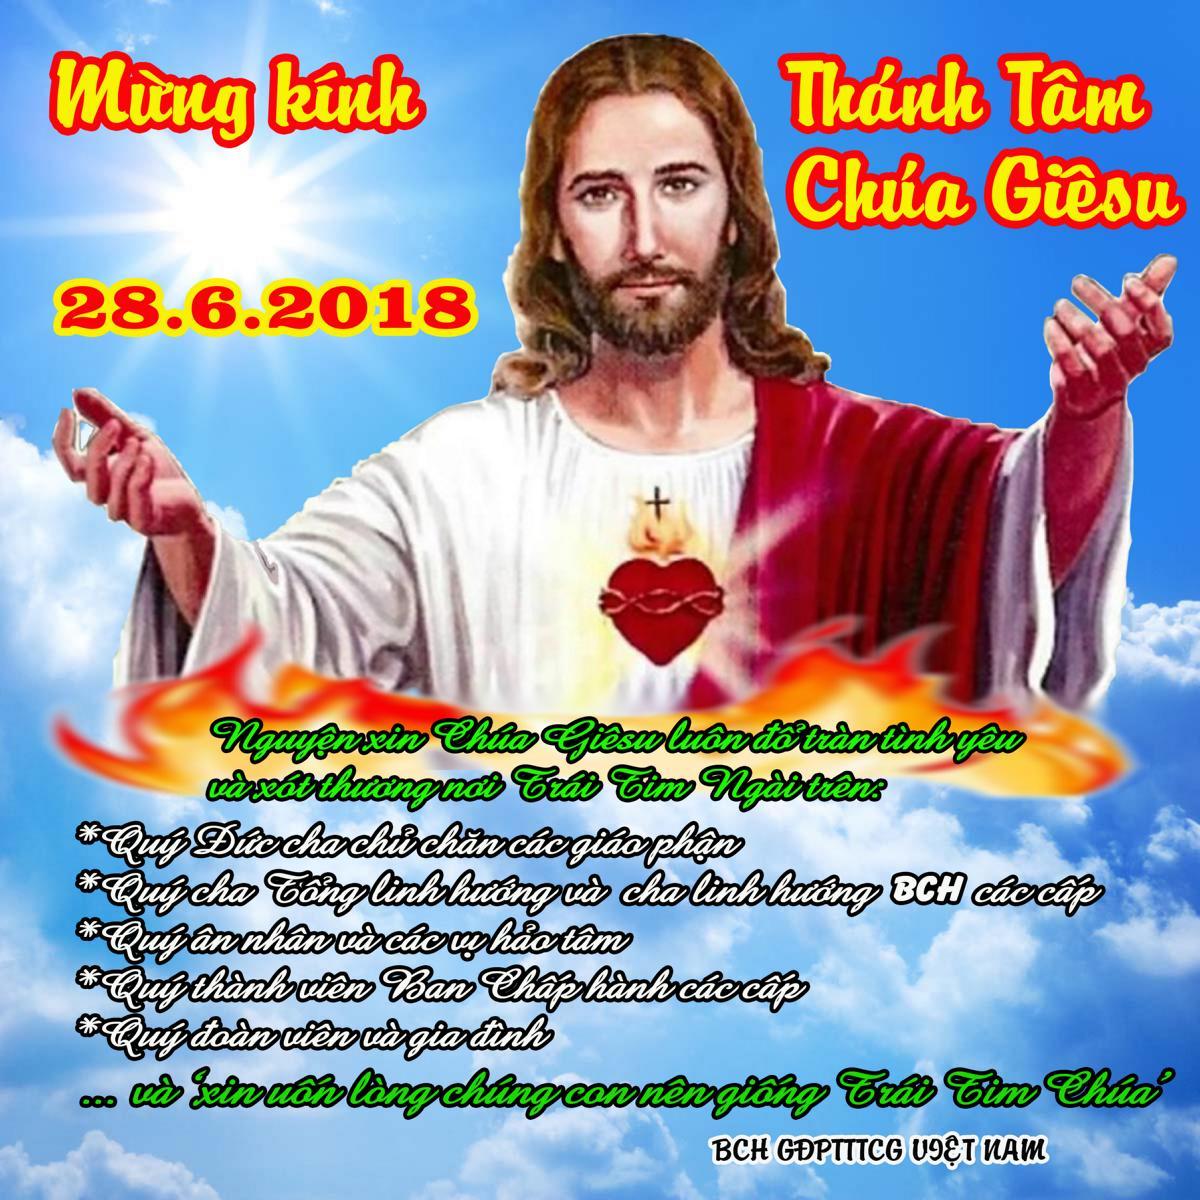 Mừng kính Thánh Tâm Chúa Giêsu 2019